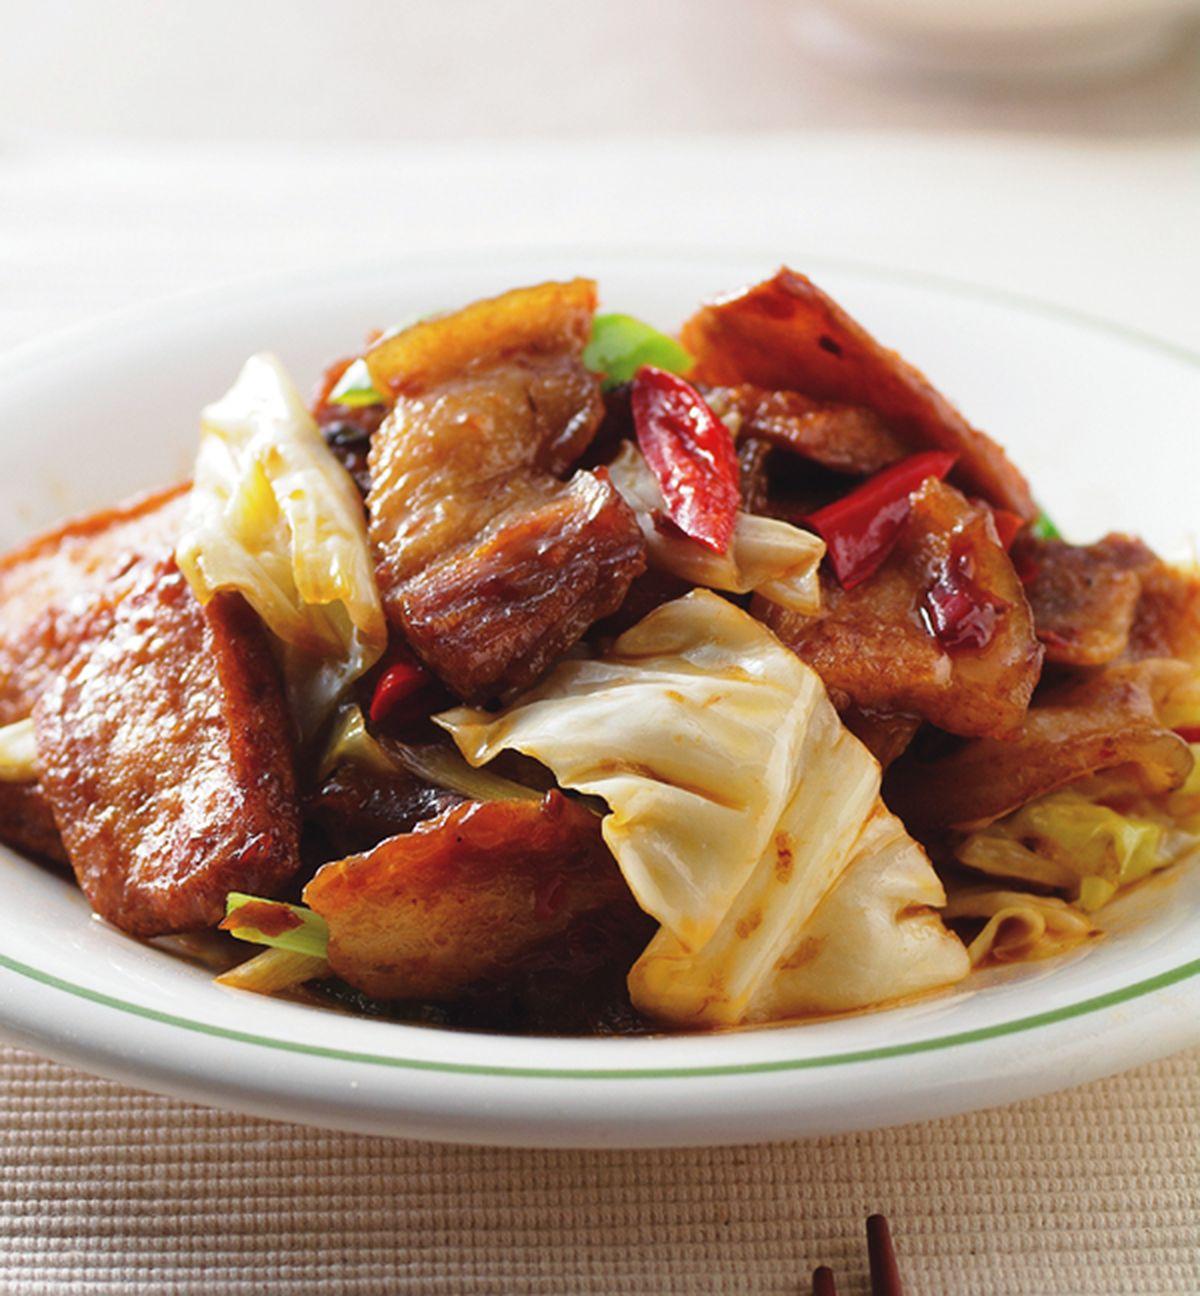 食譜:炒回鍋肉片